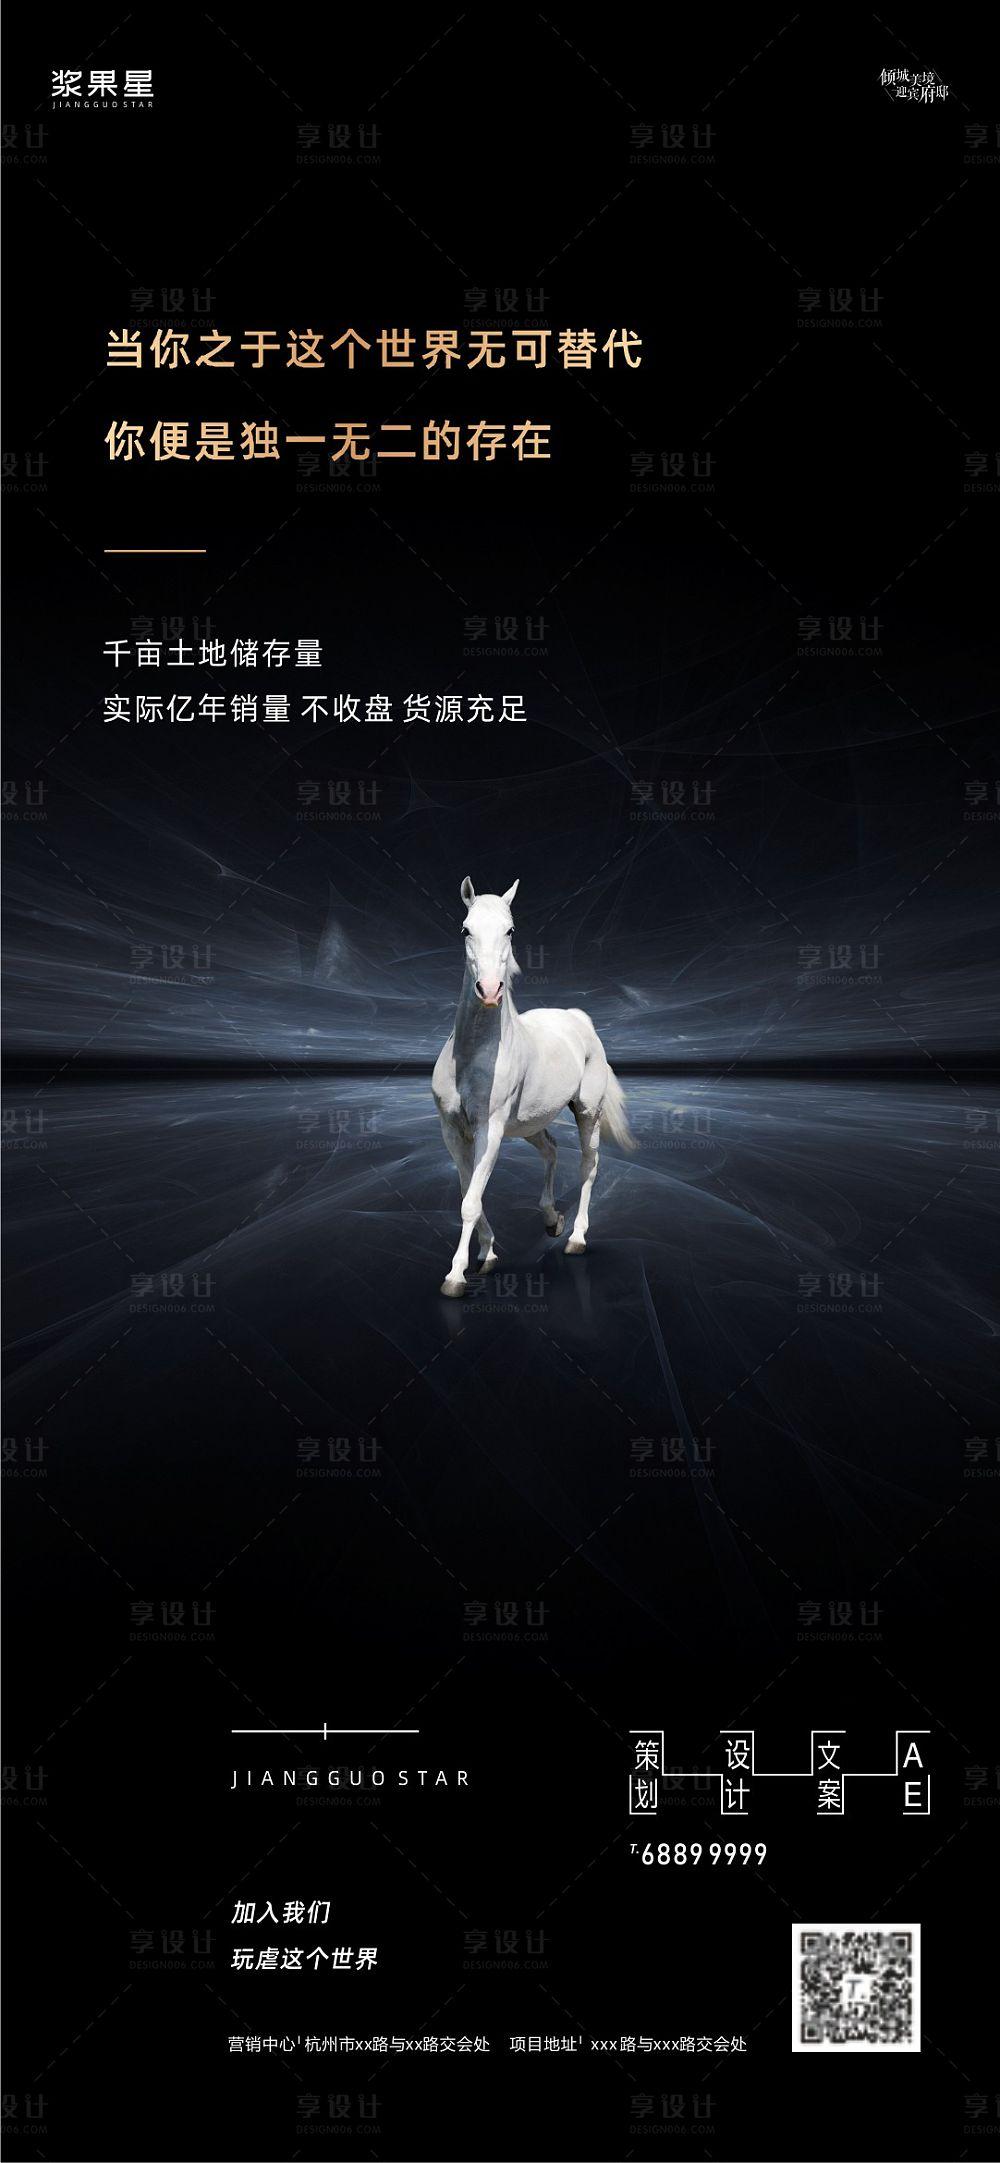 【源文件下载】 招聘 地产 黑色 黑金 白马 天马 高端 海报